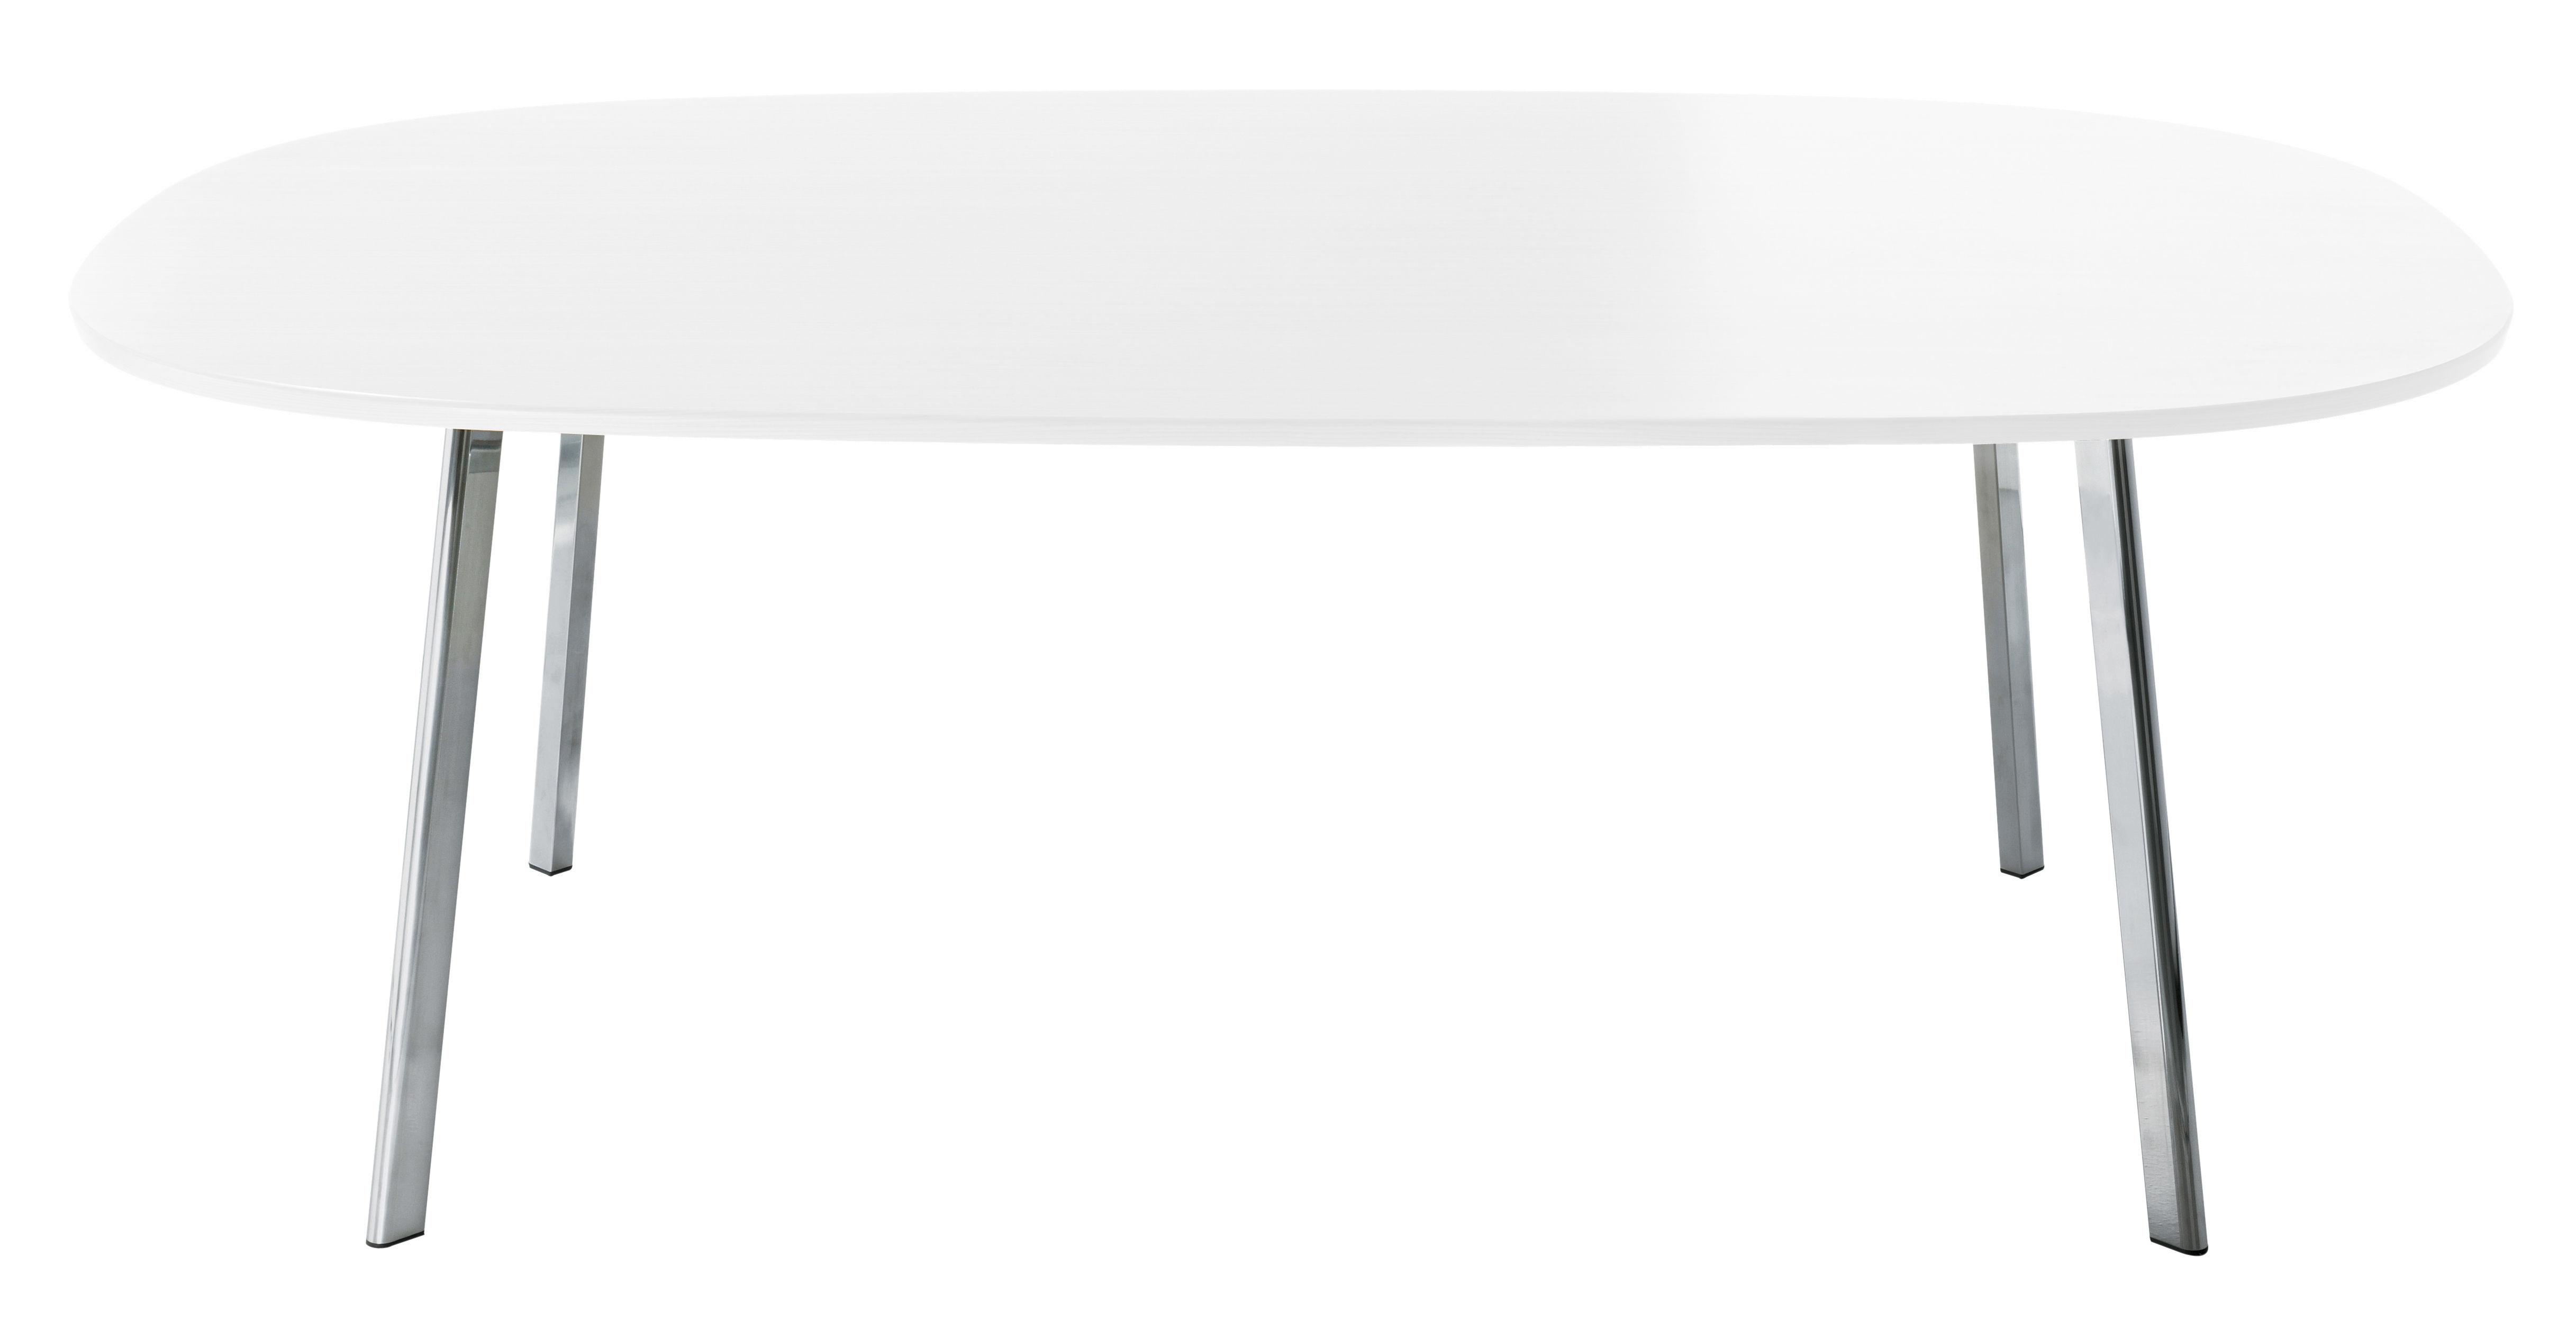 Mobilier - Tables - Table rectangulaire Déjà-vu / 160 x 98 cm - Magis - Plateau blanc / Pieds chromés - Aluminium poli, MDF verni